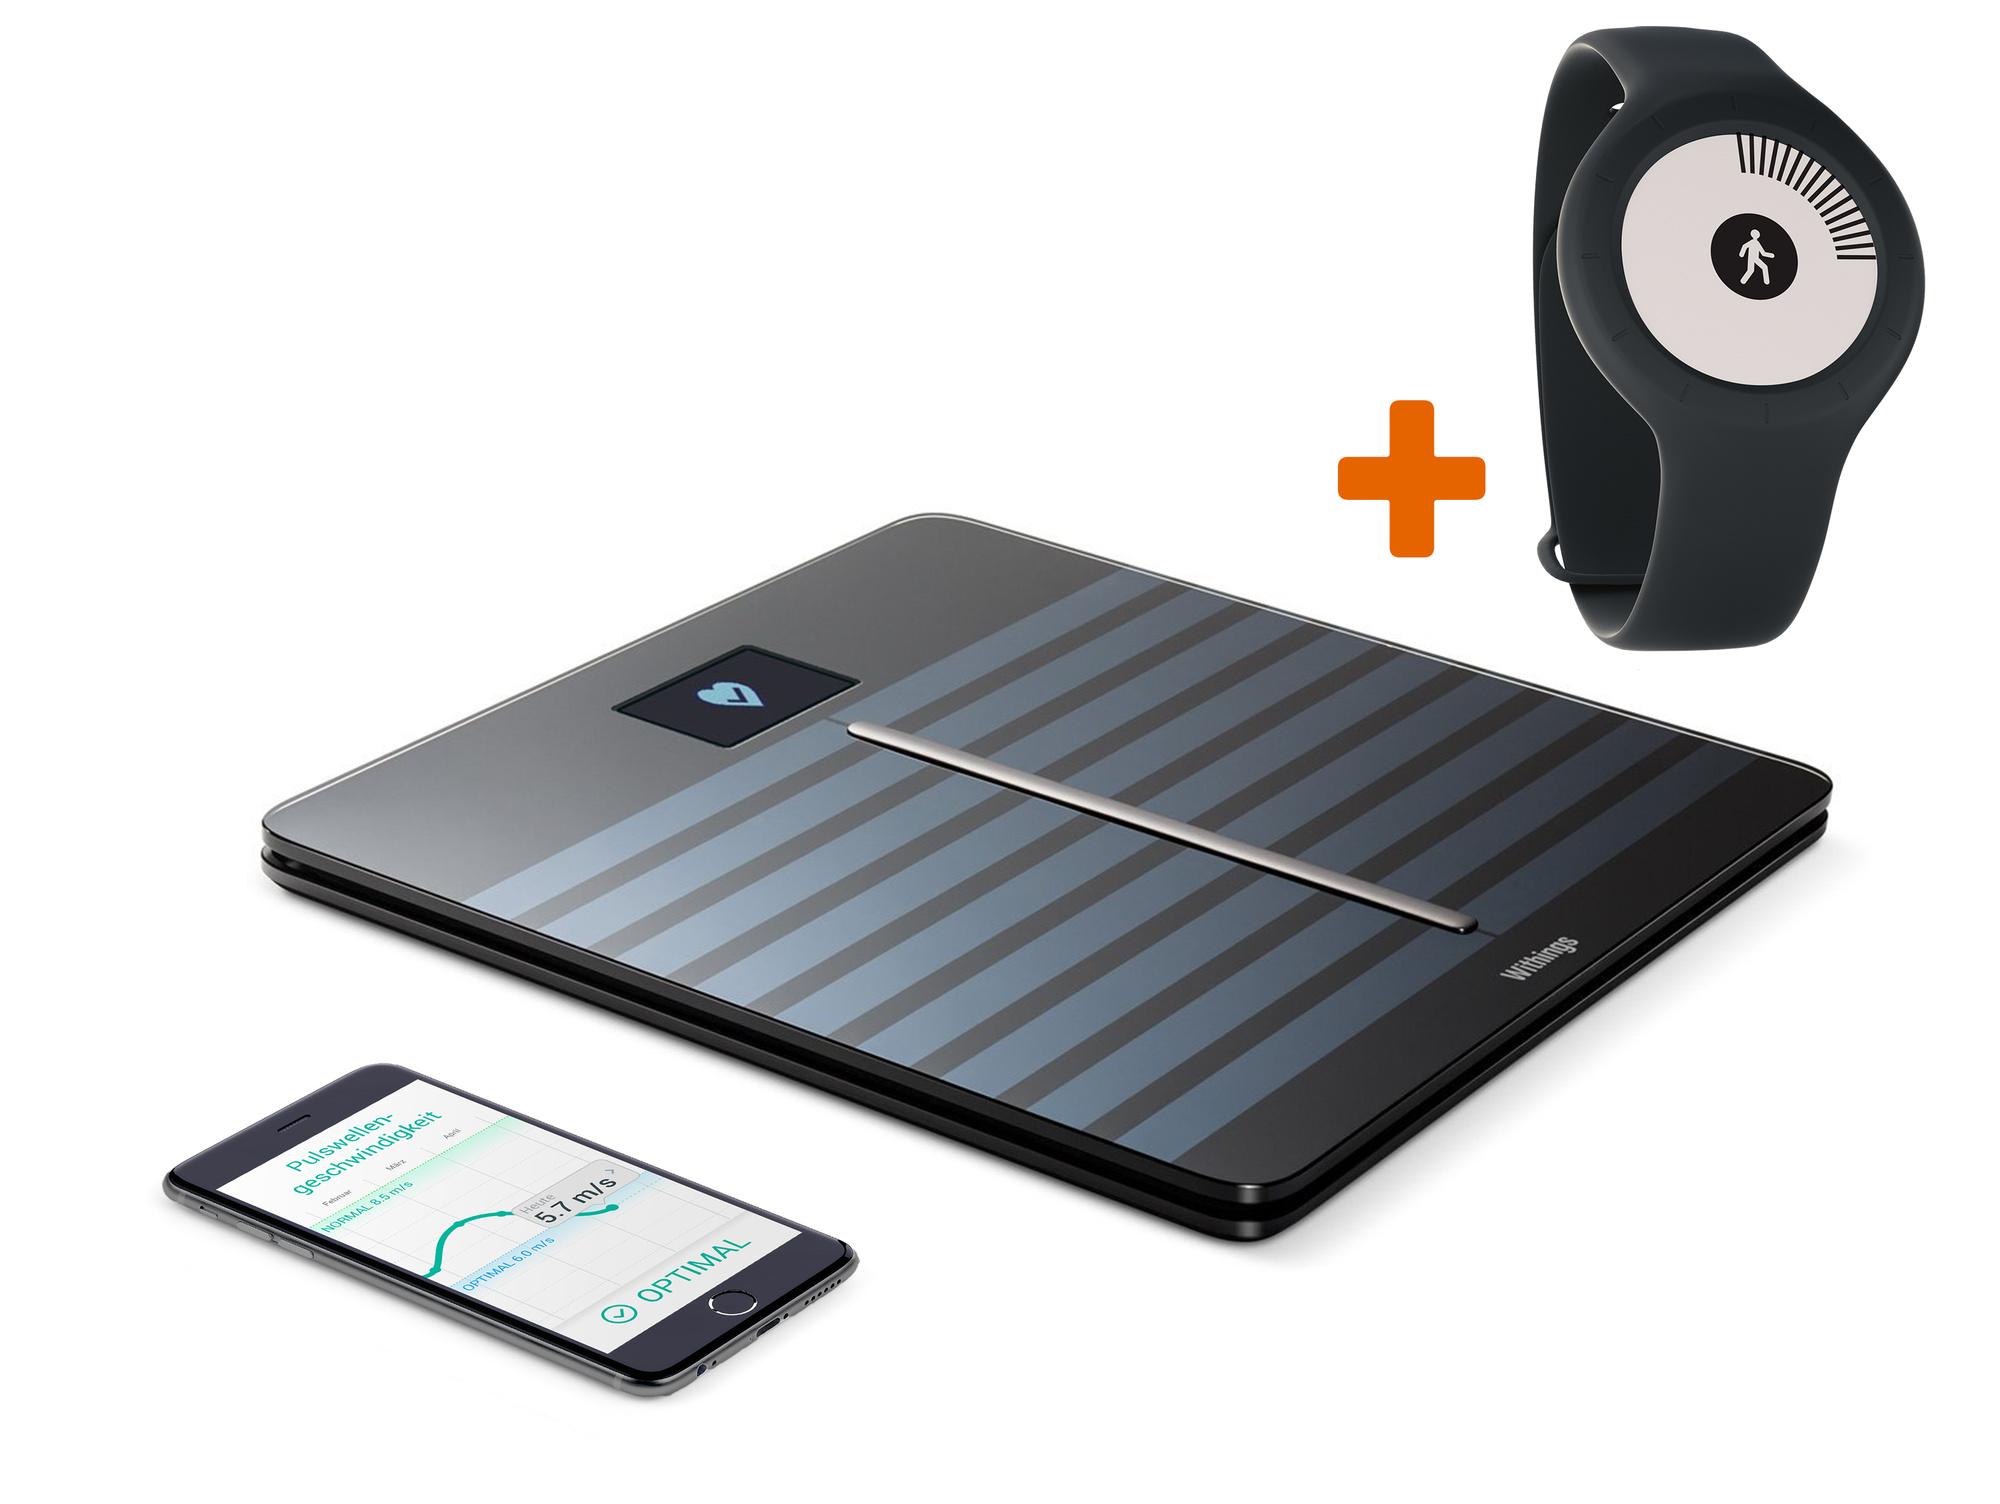 [Gravis] Withings Body Cardio Körperanalysewaage, WLAN/Bluetooth, schwarz oder weiß +   Withings Go Aktivitätstracker, mit Armband und Clip